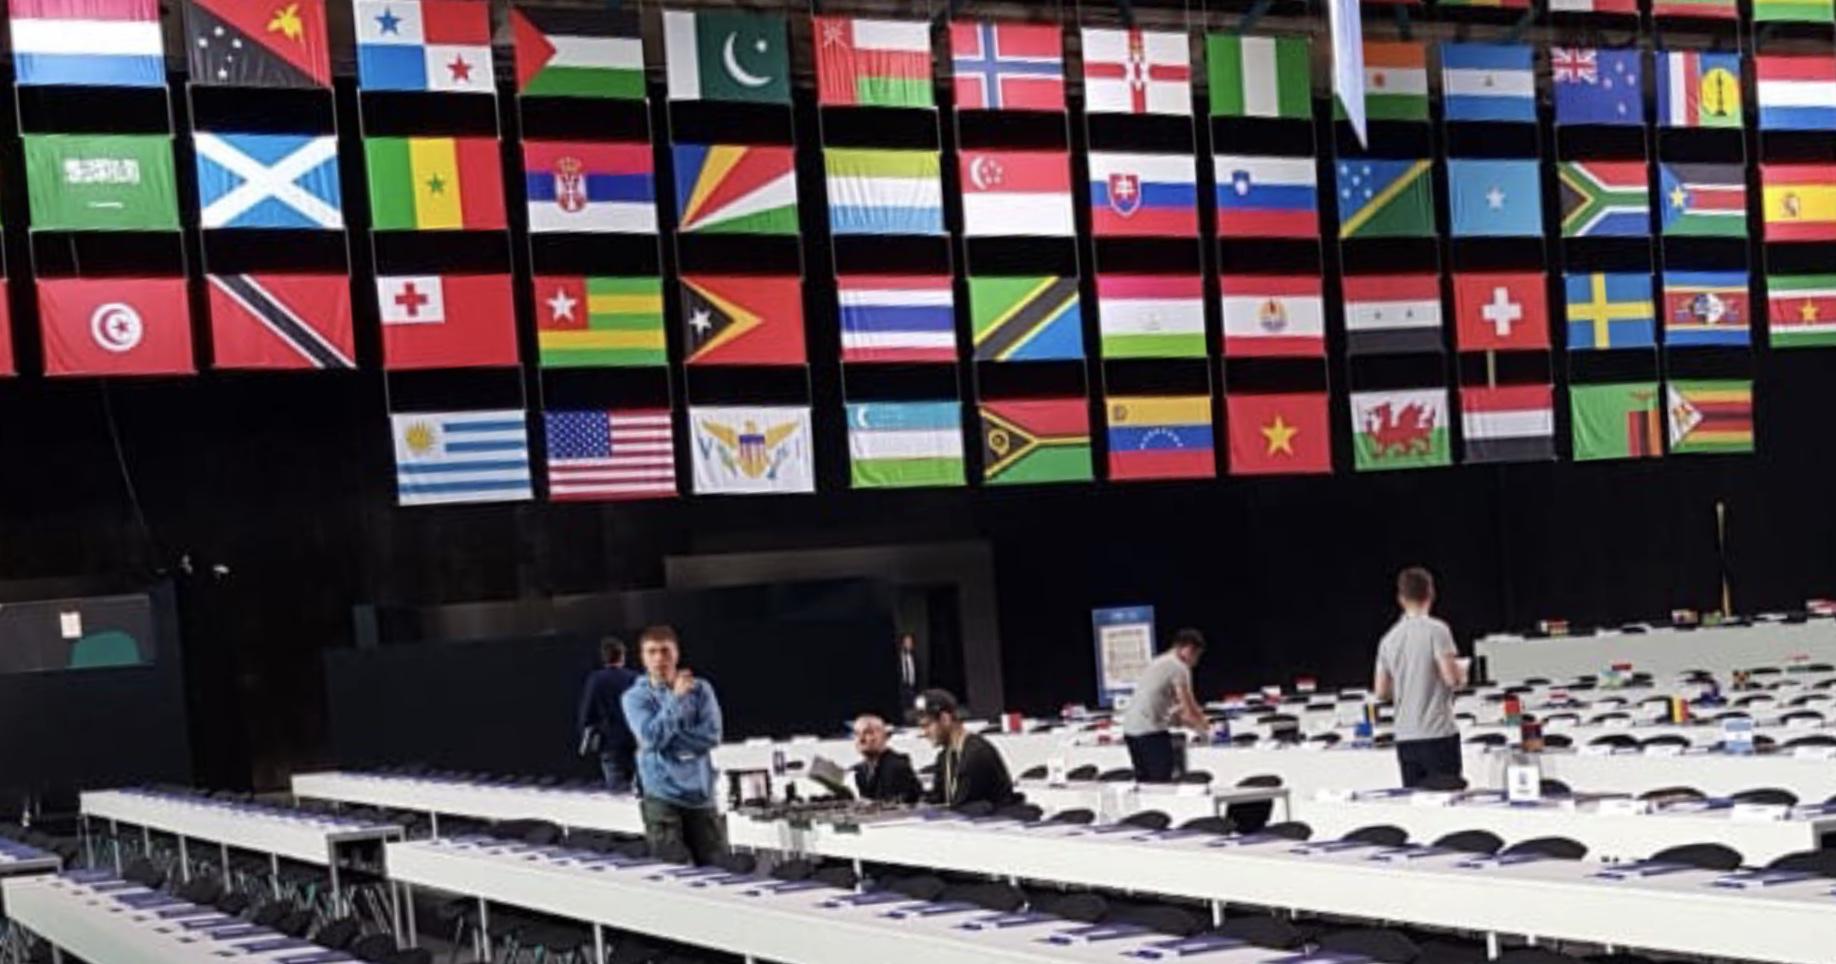 المغرب يشكر الدول التي صوتت لصالحه بالفيفا ويتعهد بتنفيذ جميع مشاريع البنيات التحتية